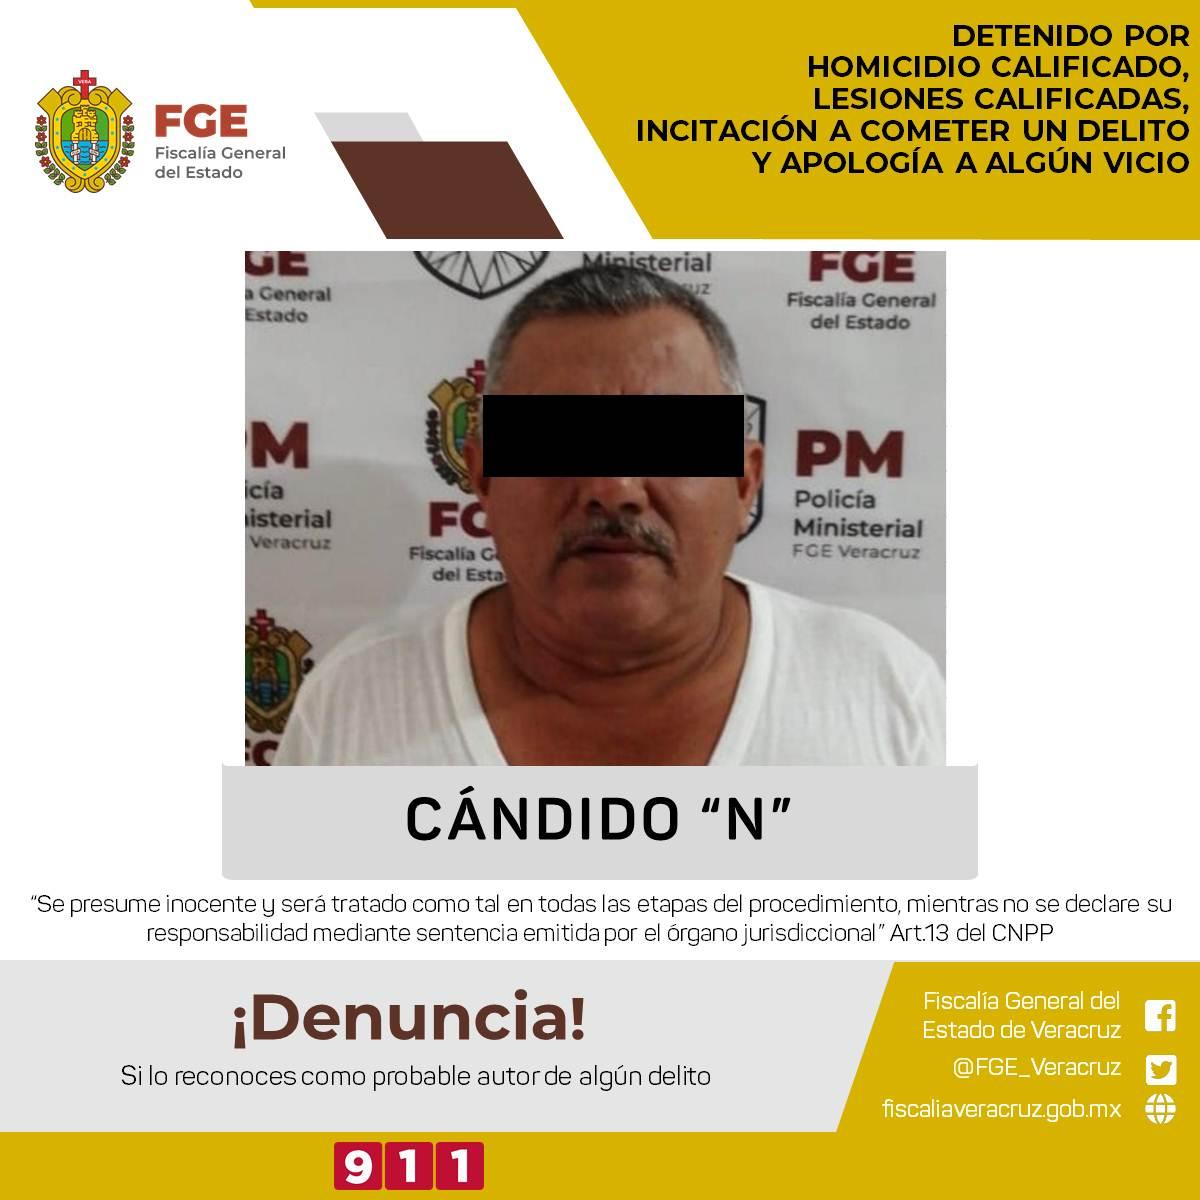 Detiene Policía Ministerial a Candido Canseco líder de Tamsa por probable homicida